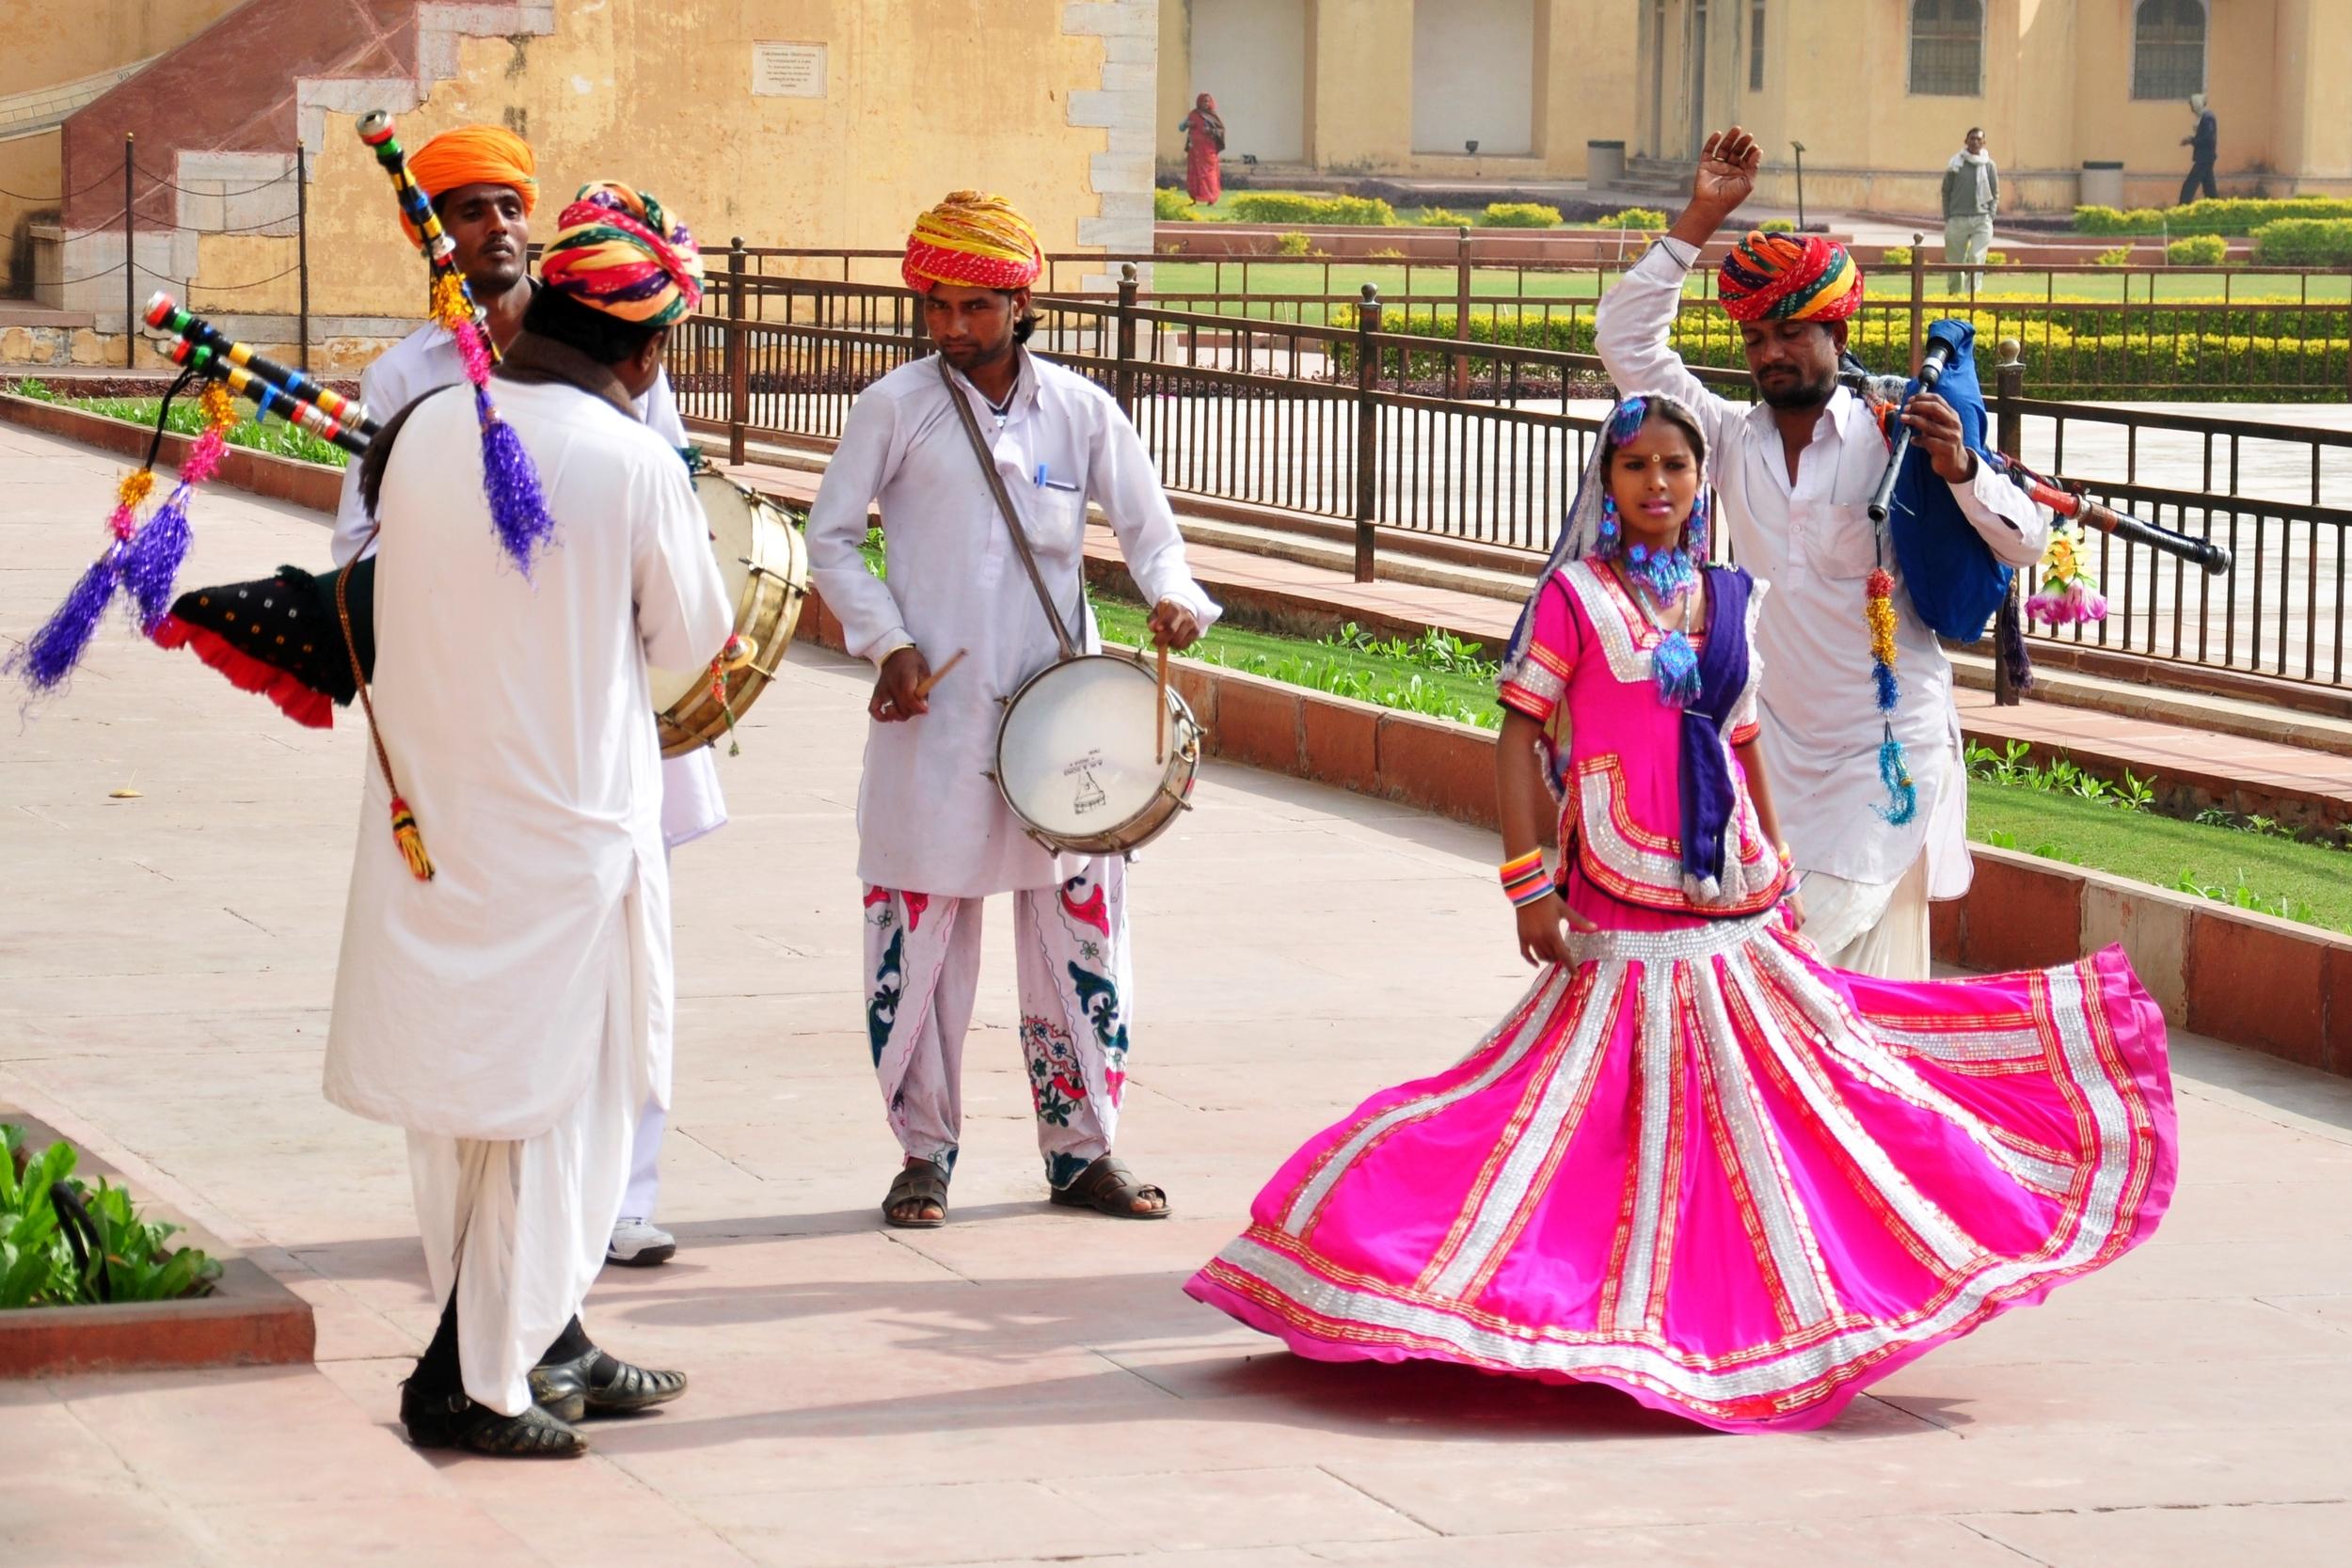 Dancing at Jantar Mantar